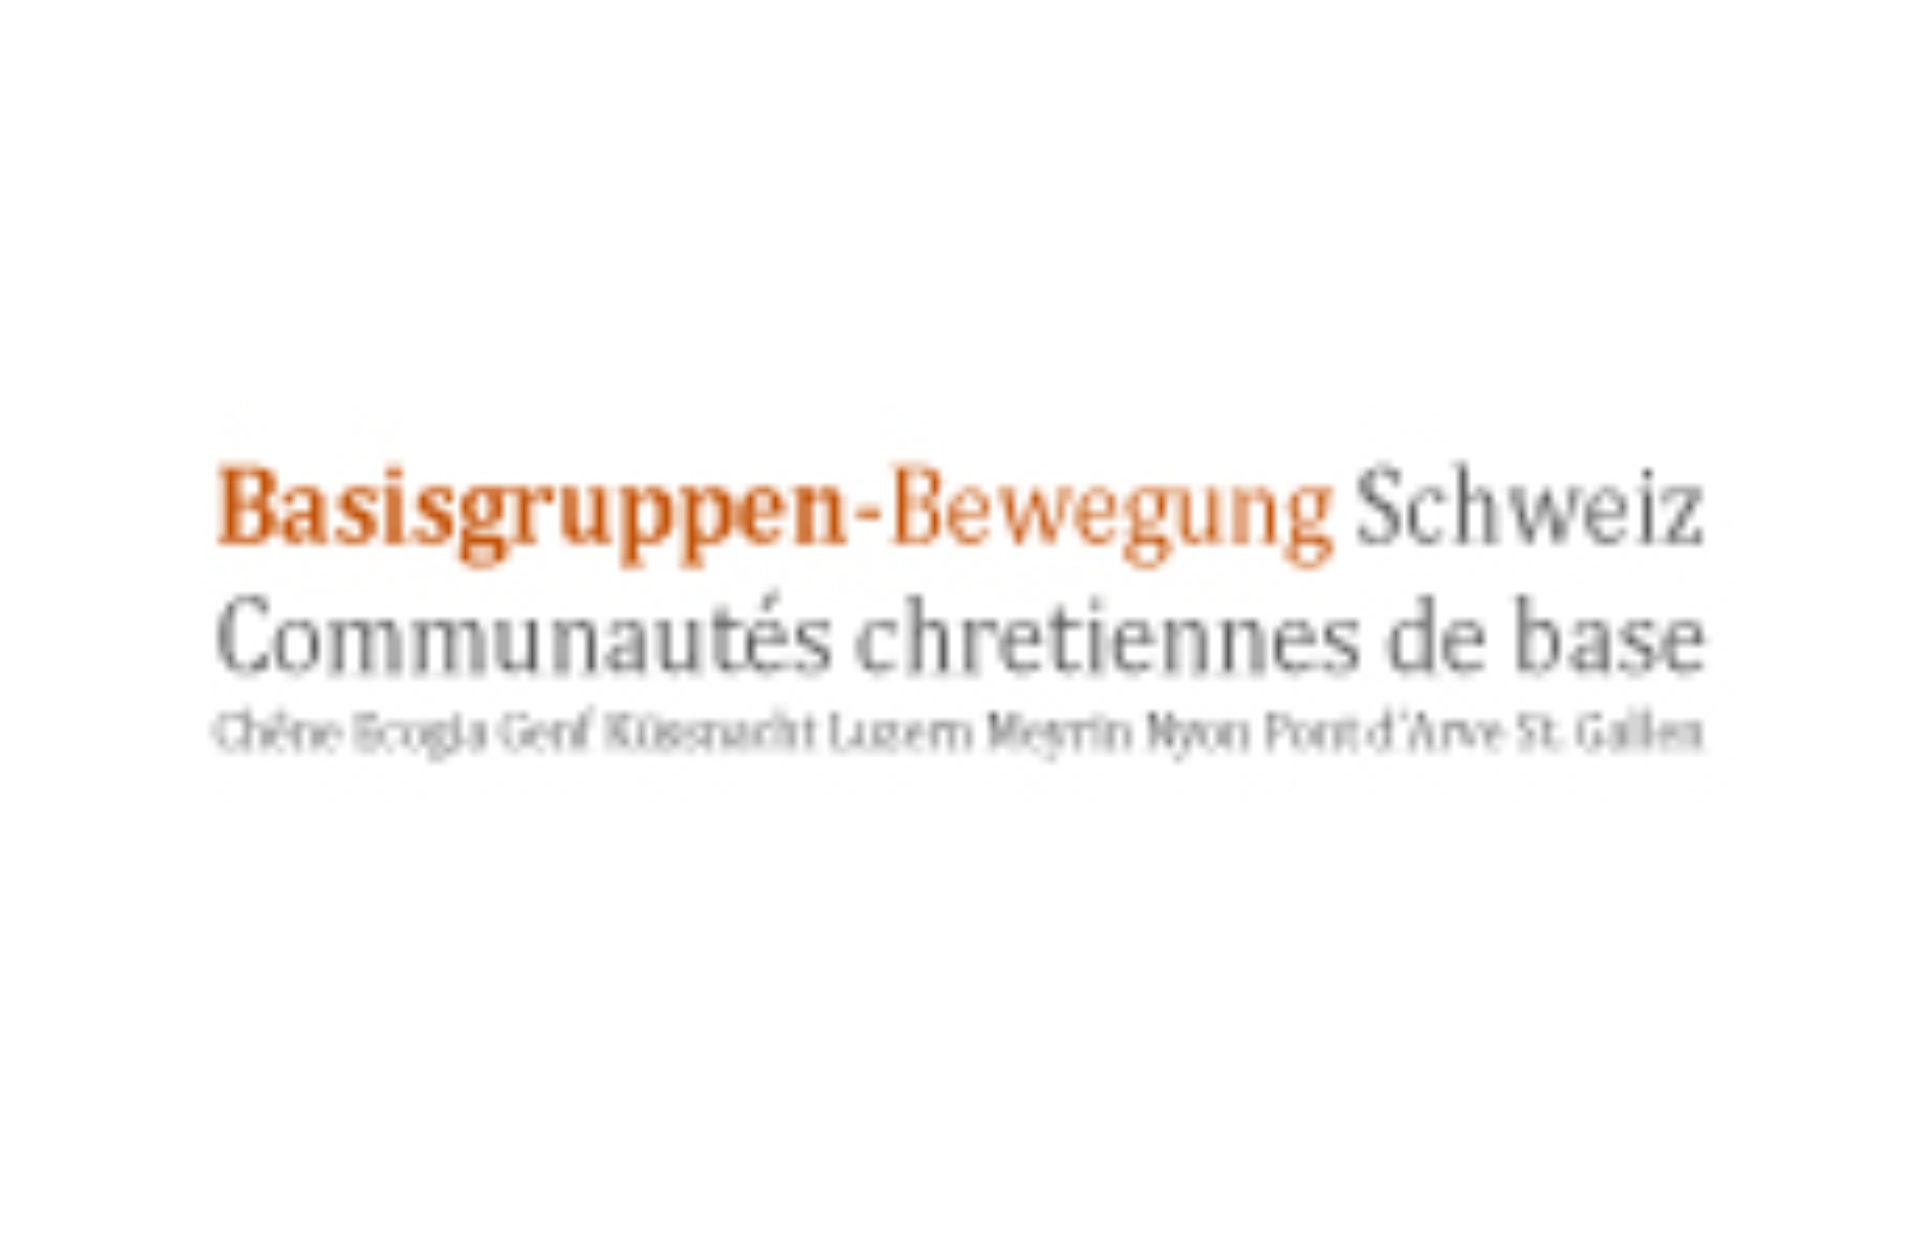 Basisgruppenbewegung Schweiz